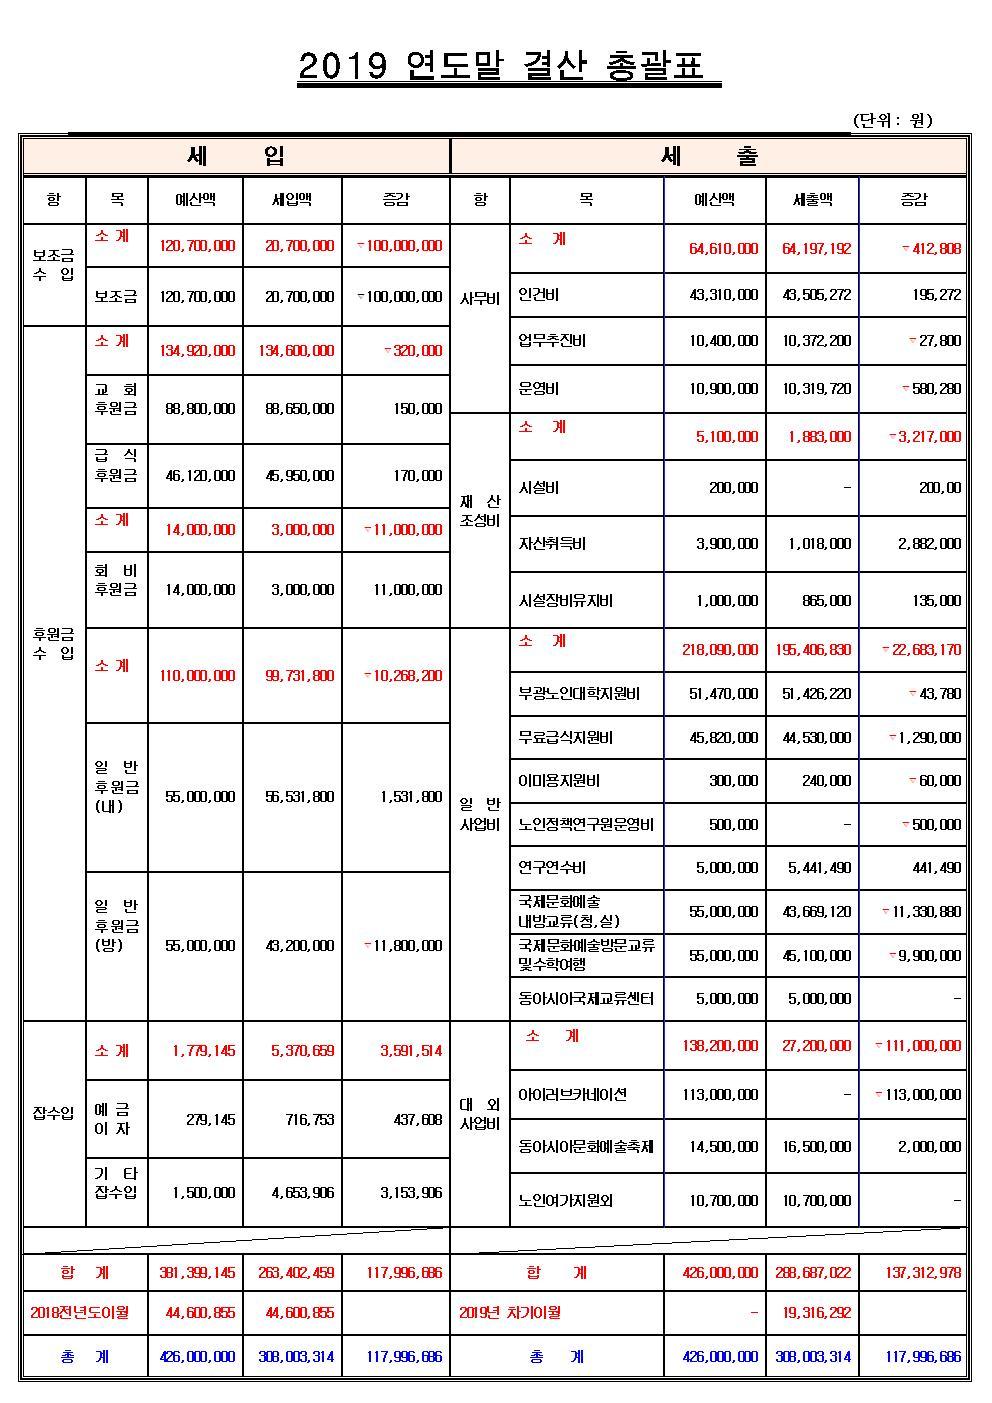 3-2019 연도말 결산 총괄표 보고용001.jpg